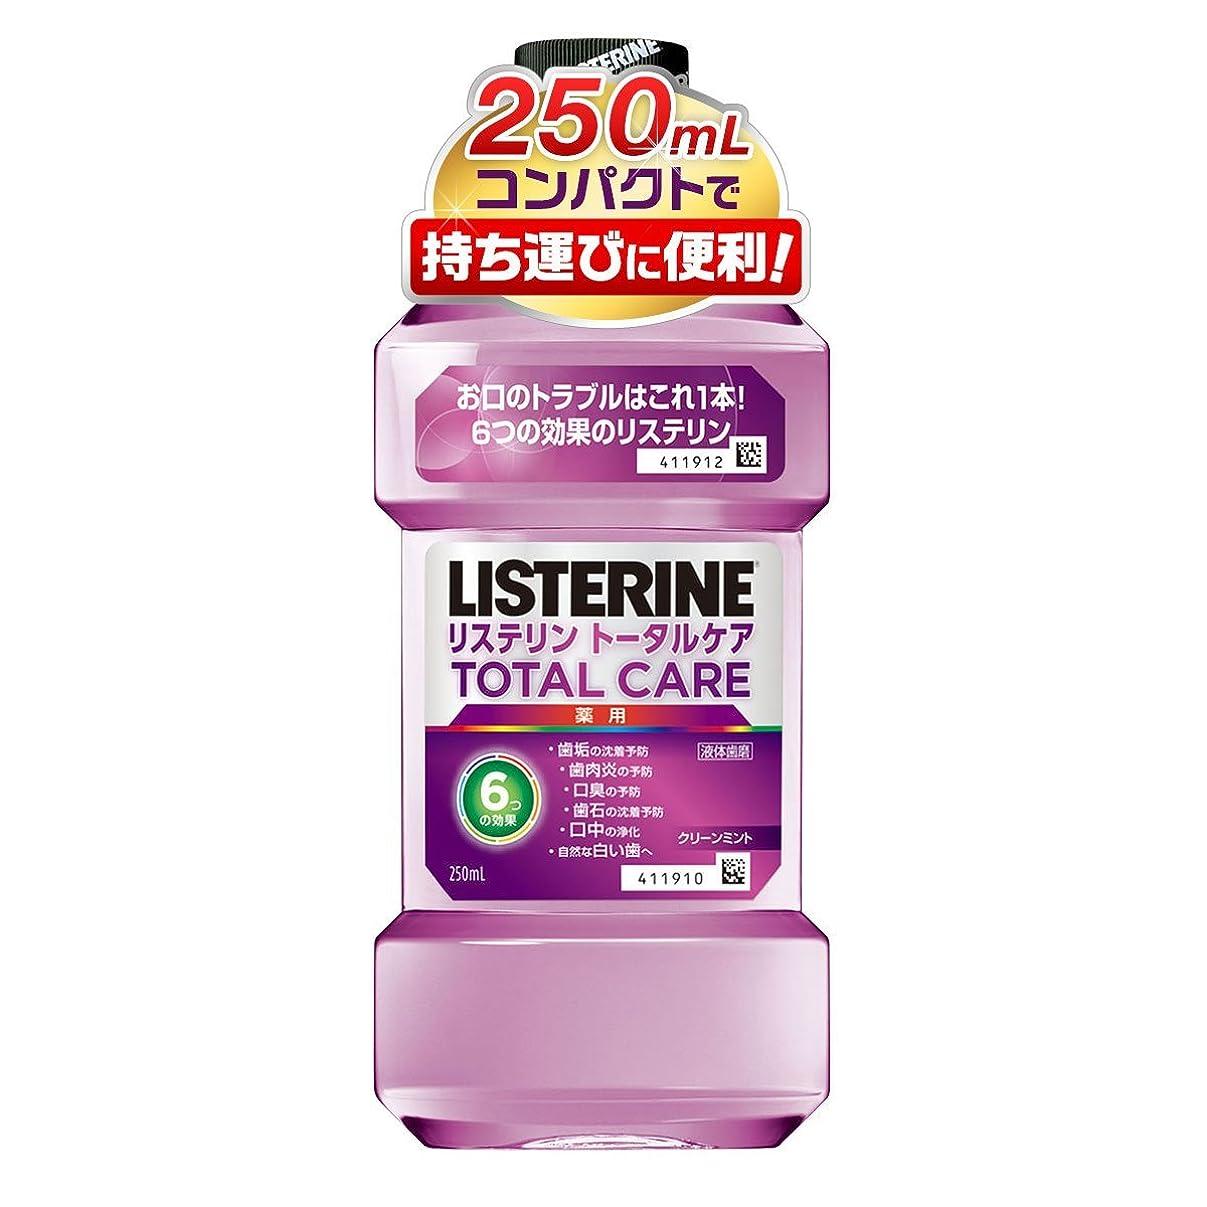 布断線慢[医薬部外品] 薬用 リステリン マウスウォッシュ トータルケア 250mL【持ち運びサイズ】